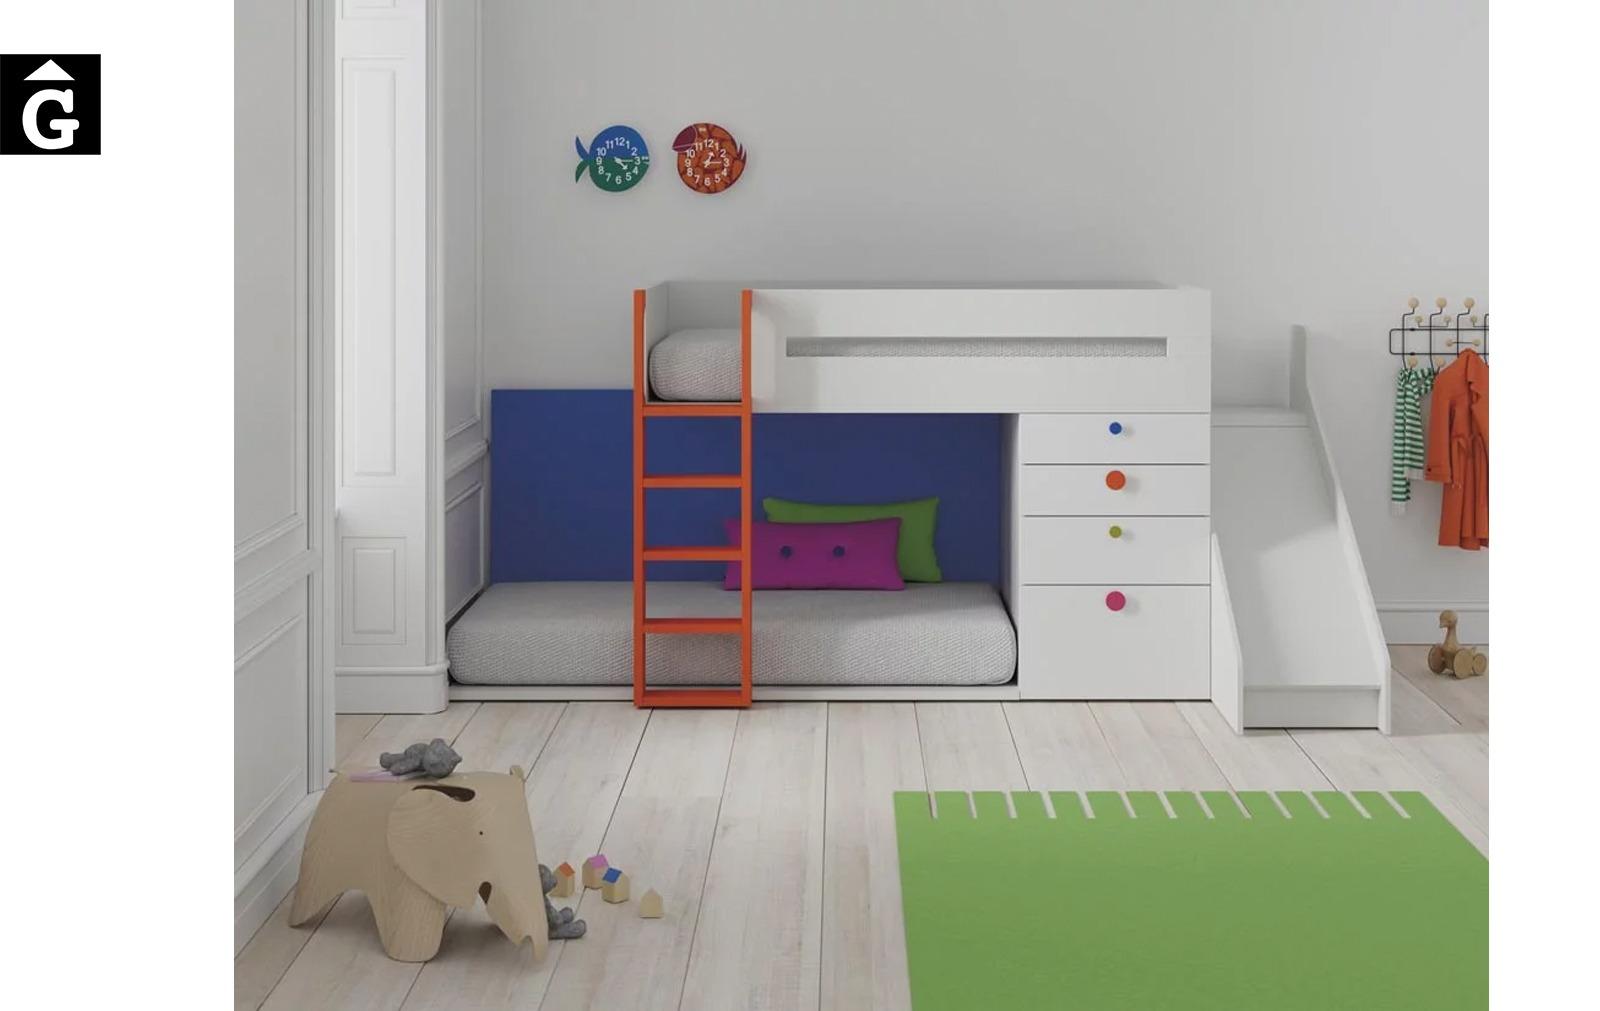 Habitació infantil amb llit tobogan Up   Infinity   llits abatibles   Pràctics, saludables i segurs   Jotajotape   mobles Gifreu